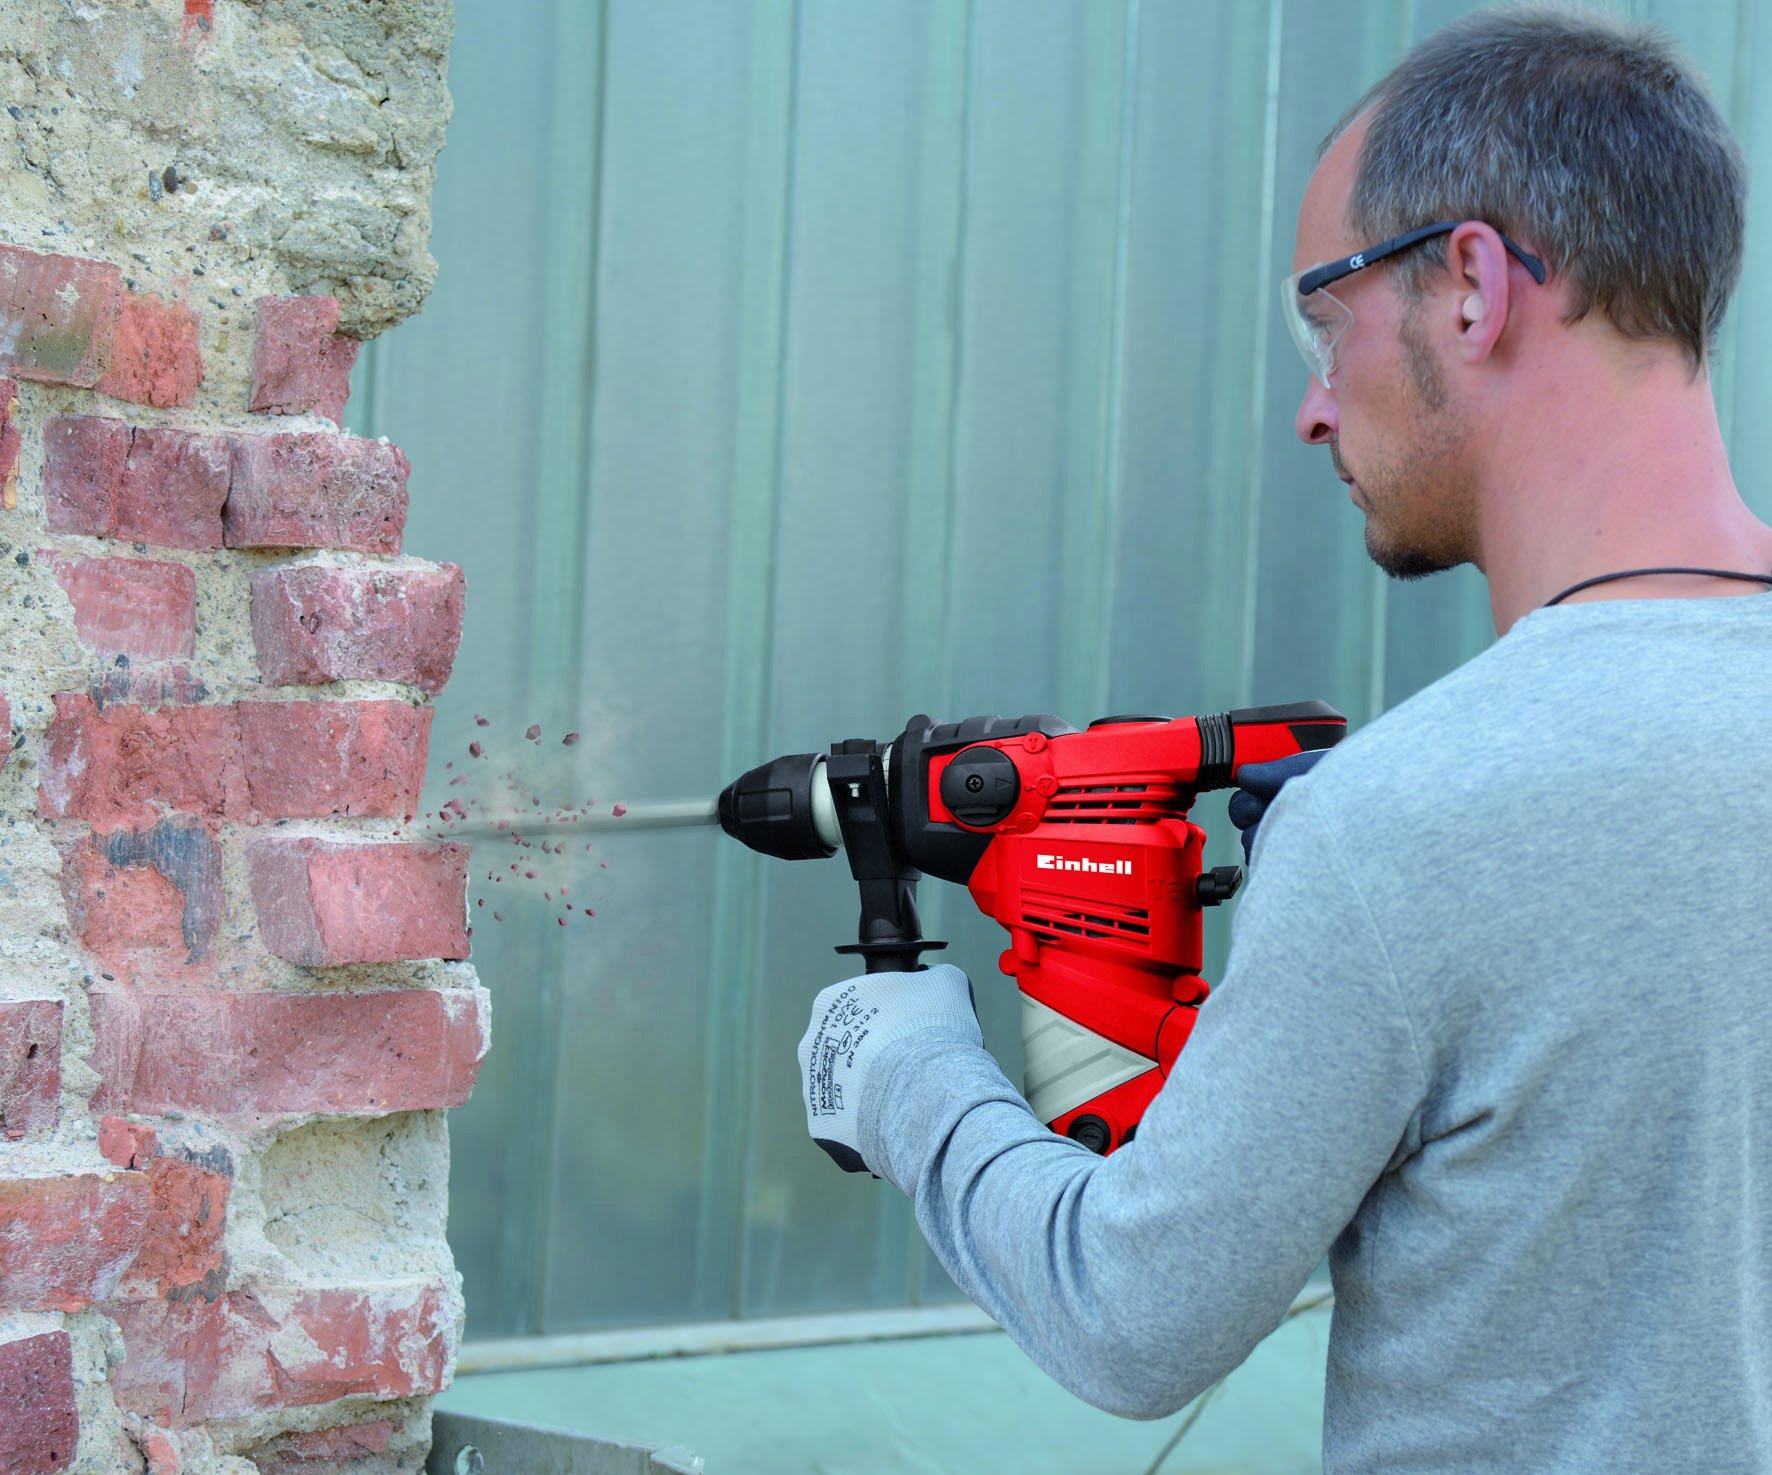 Einhell-Bohrhammer-TC-RH-900-900-W-3-J-Bohrleistung-in-Beton-26-mm-SDS-Plus-Aufnahme-Metall-Tiefenanschlag-Koffer